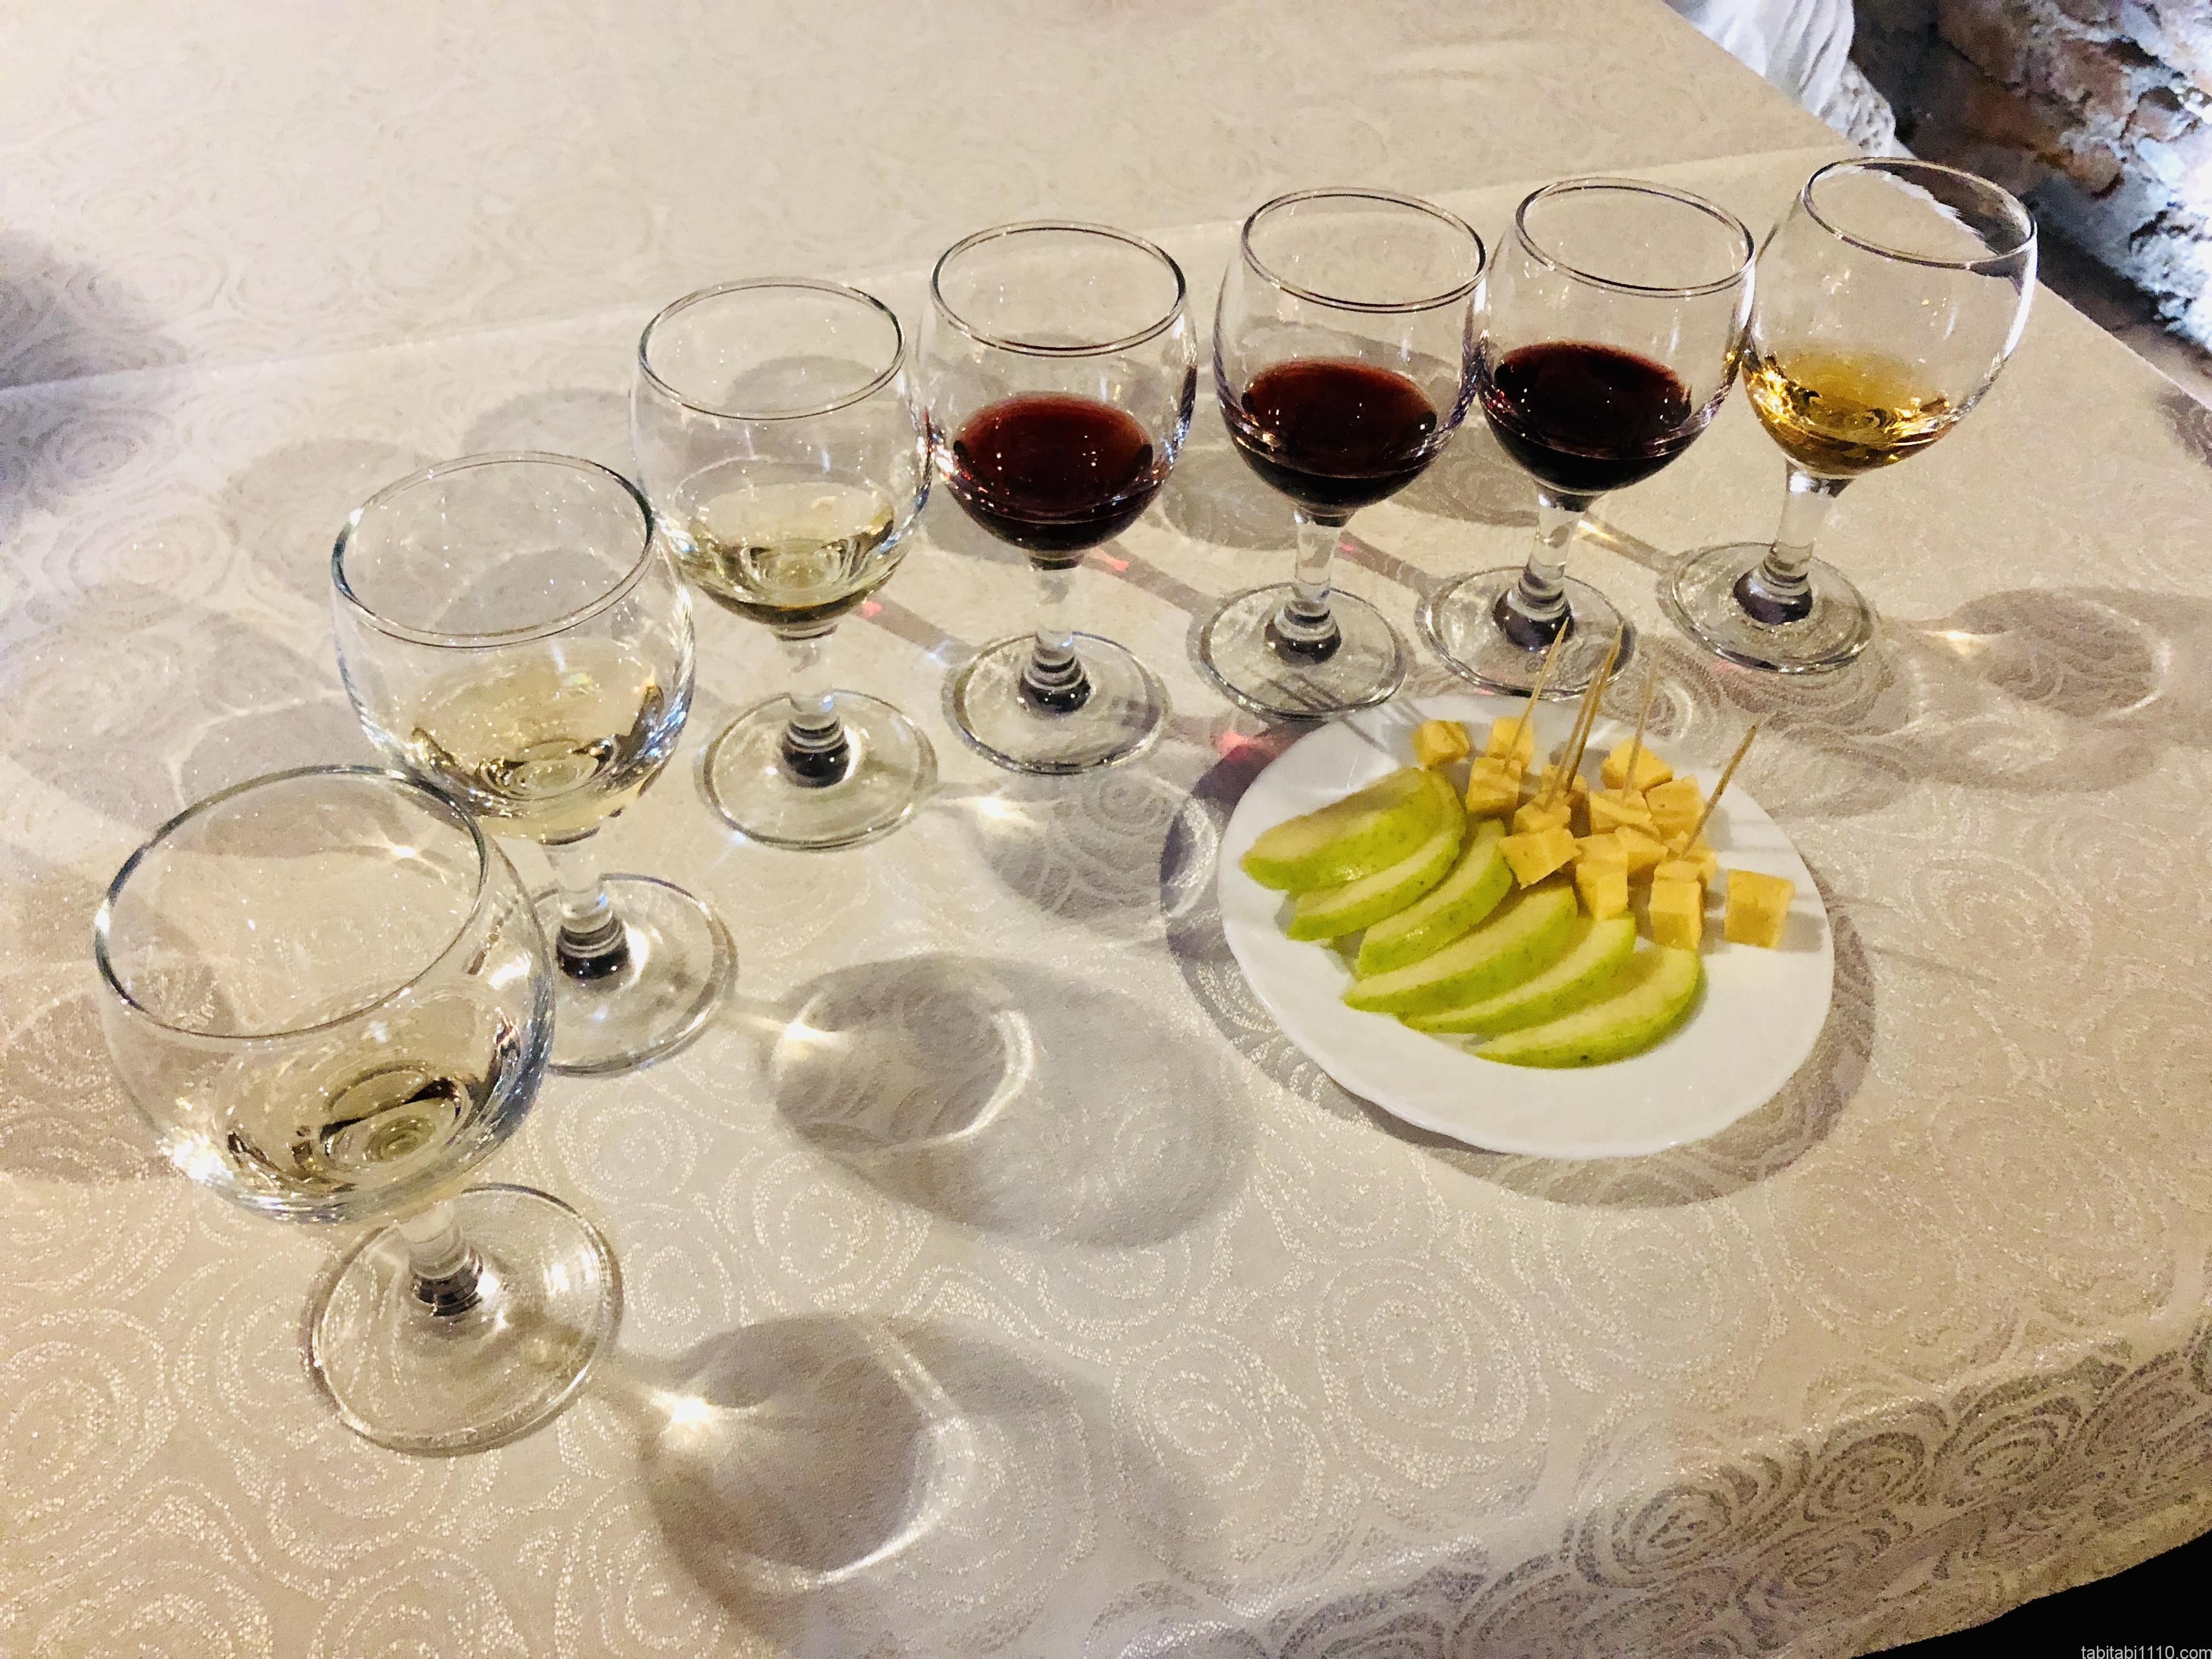 ウジホロド城|ワイン試飲